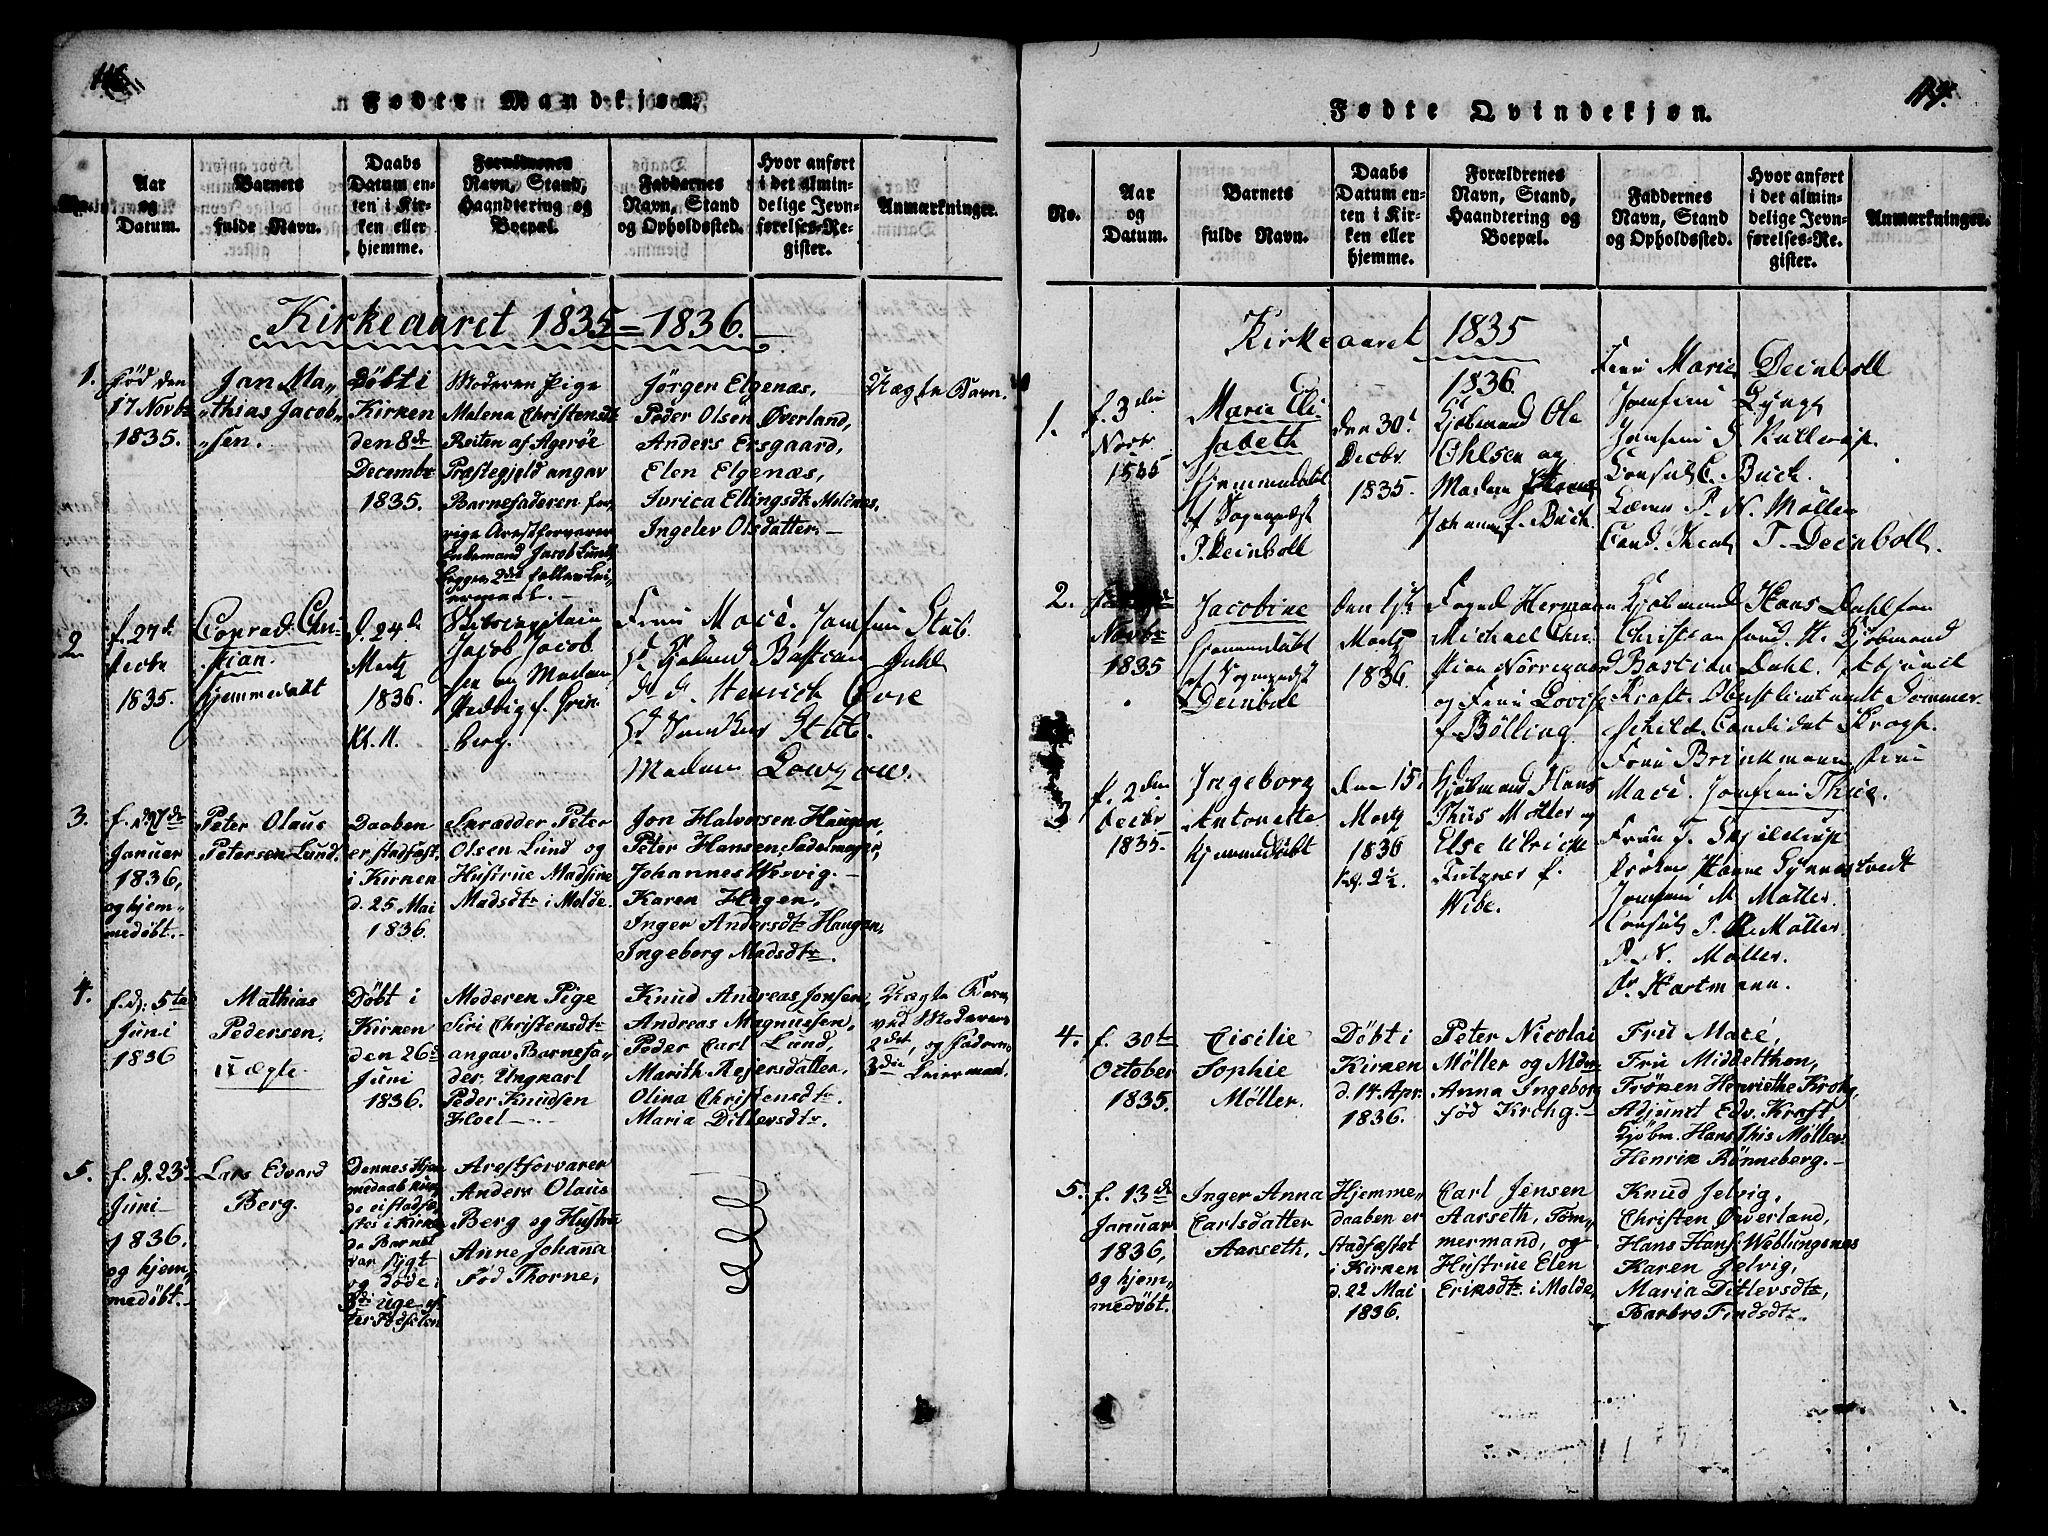 SAT, Ministerialprotokoller, klokkerbøker og fødselsregistre - Møre og Romsdal, 558/L0688: Ministerialbok nr. 558A02, 1818-1843, s. 116-117